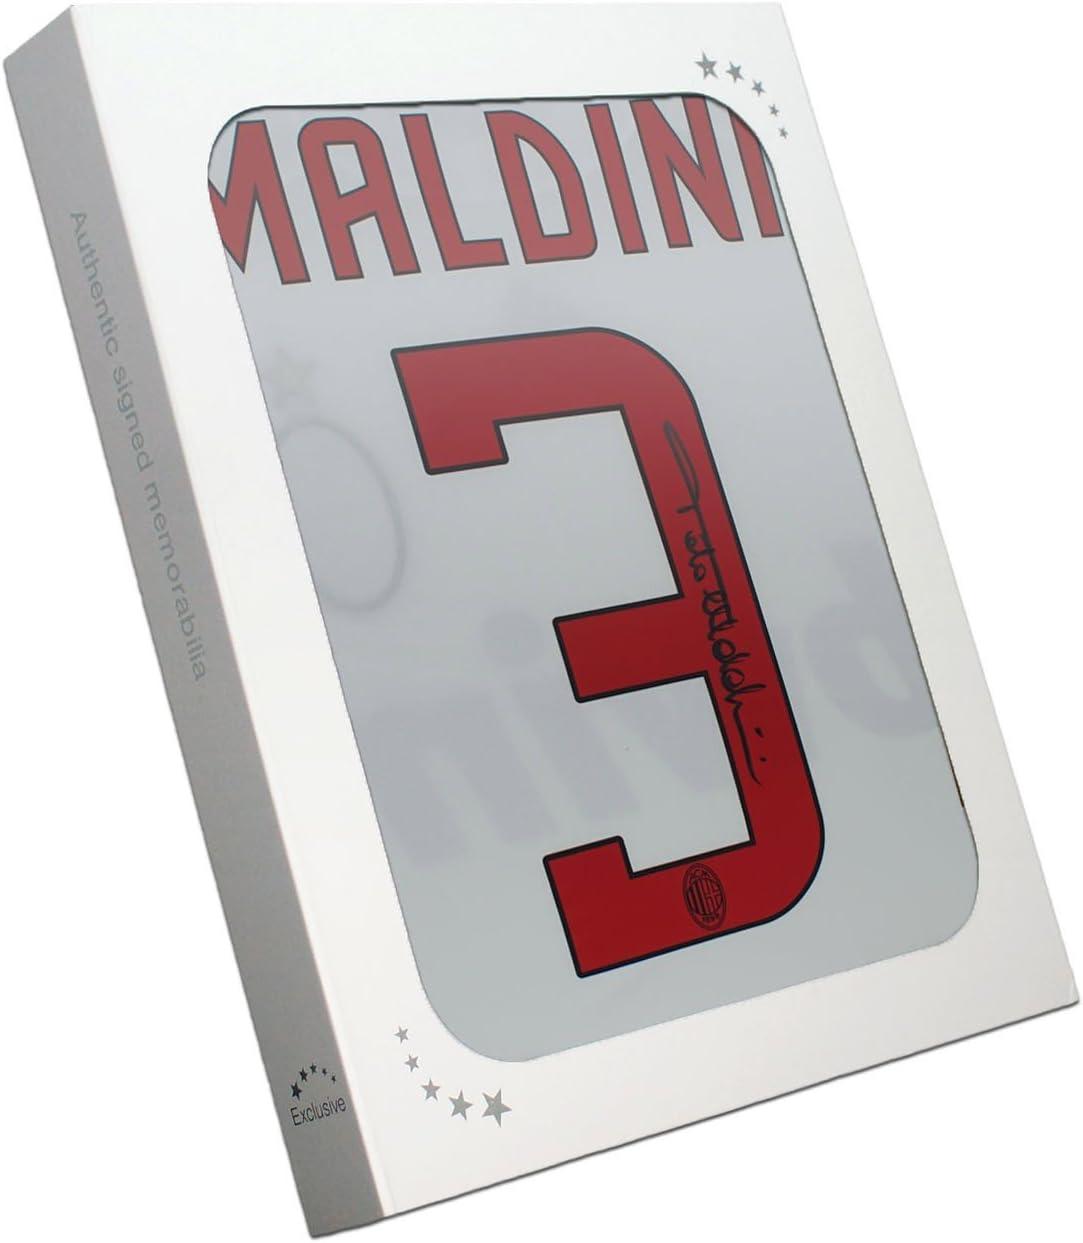 Paolo Maldini Firmado 2008-09 AC Milan camiseta Lejos en la caja de regalo: Amazon.es: Deportes y aire libre